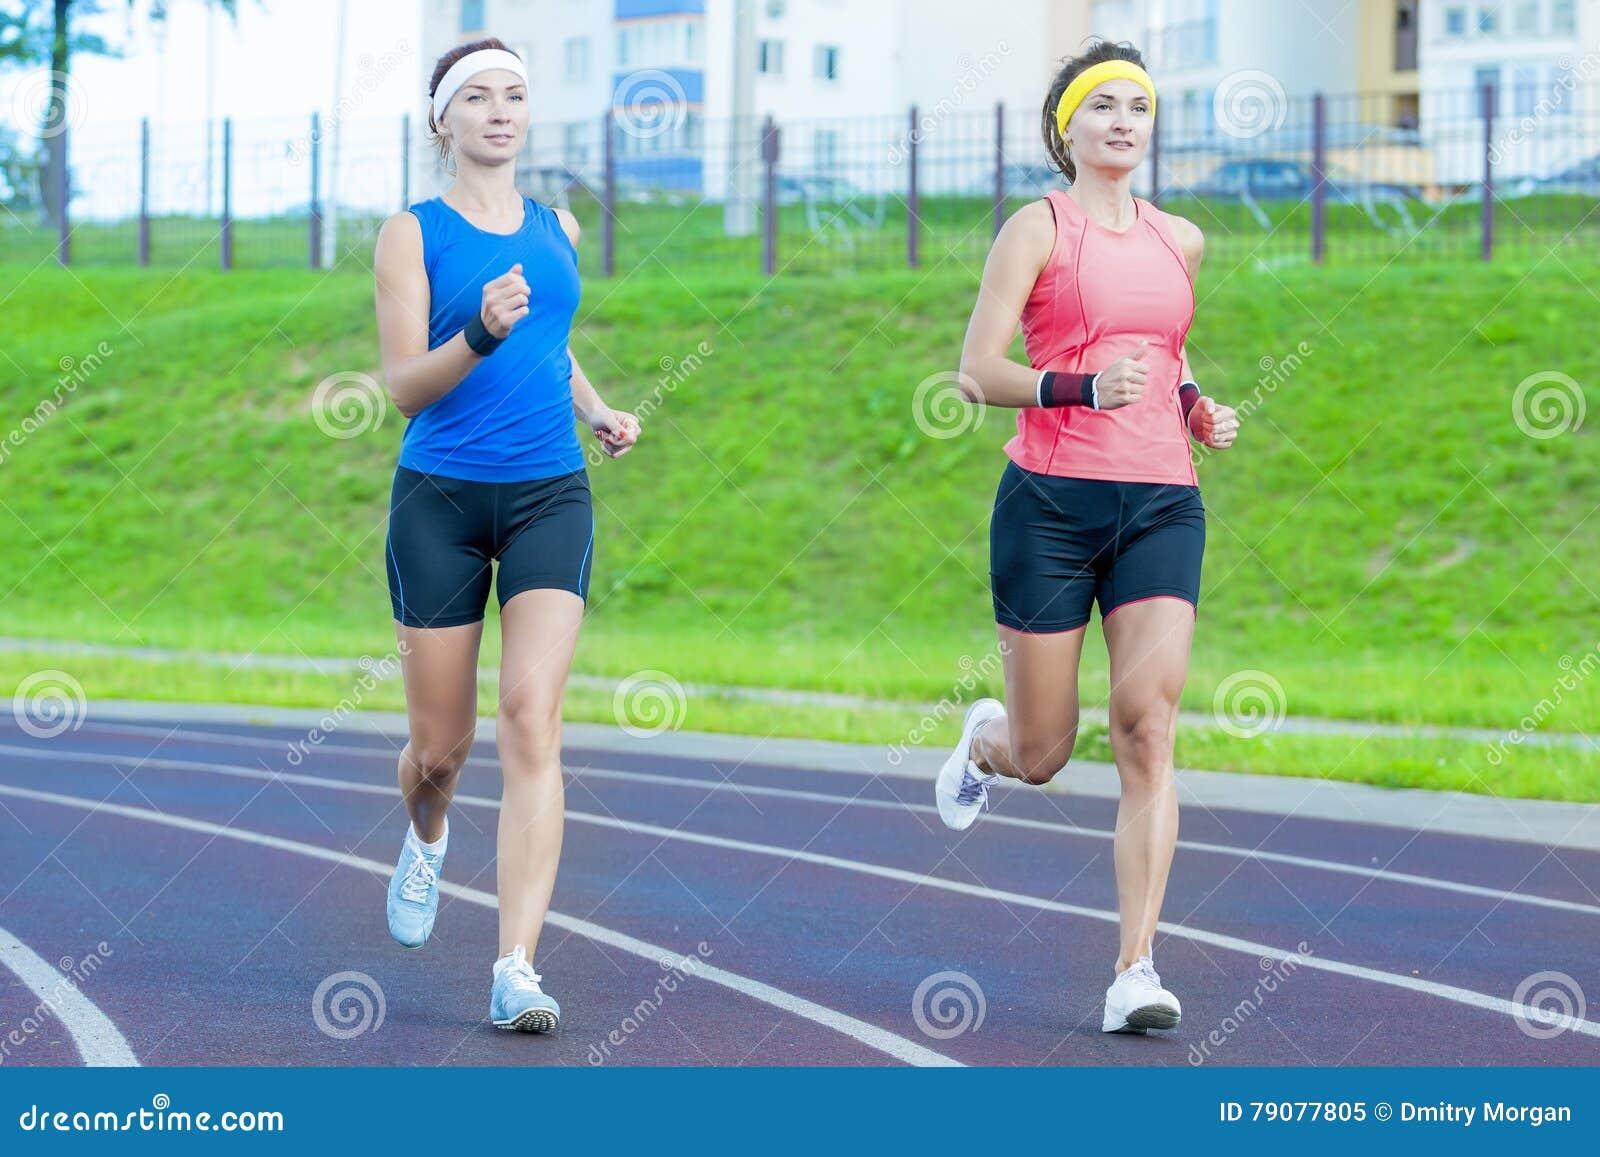 site de rencontre running